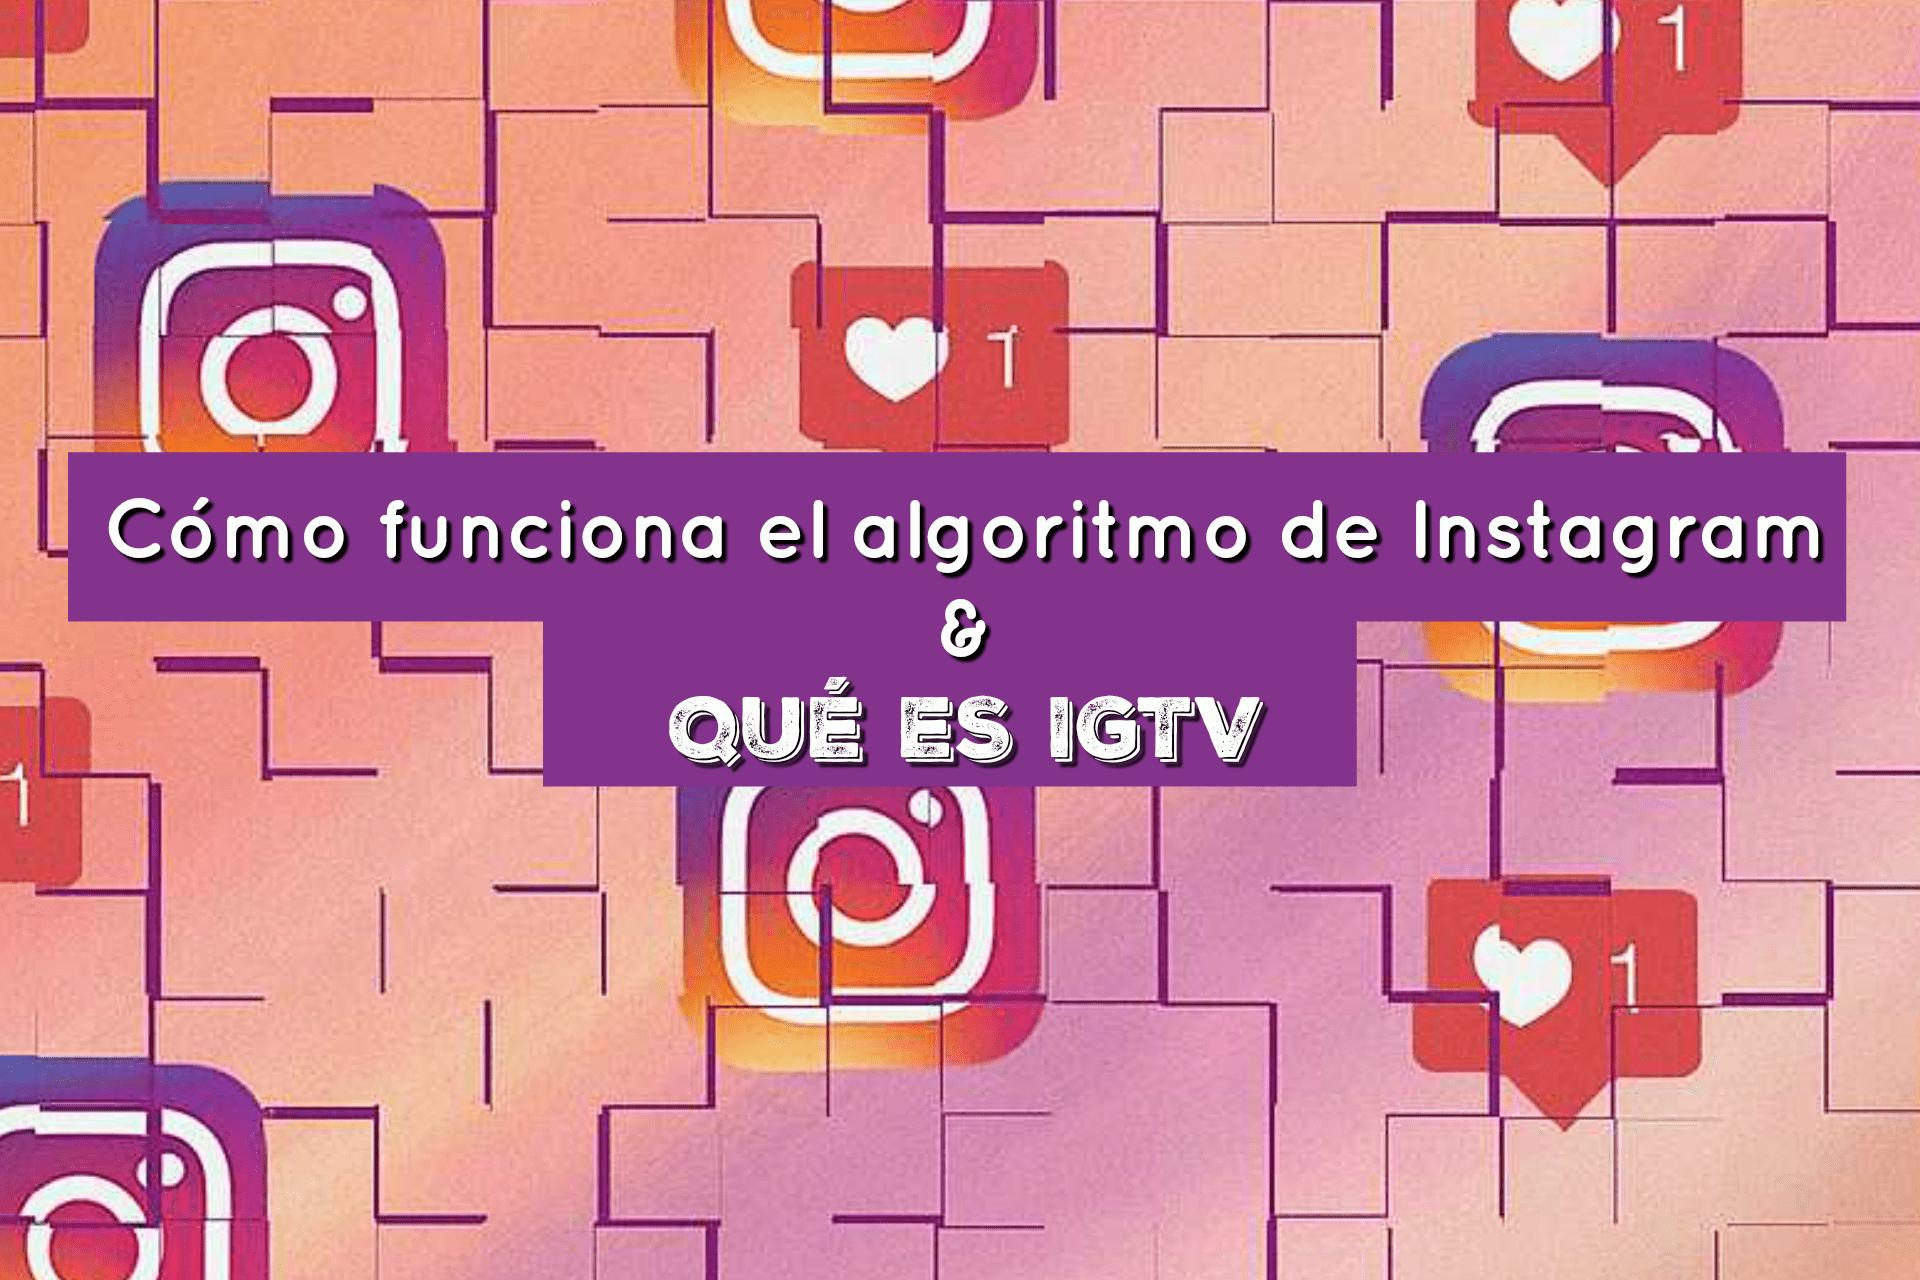 Cómo funciona el algoritmo de Instagram y qué es IGTV